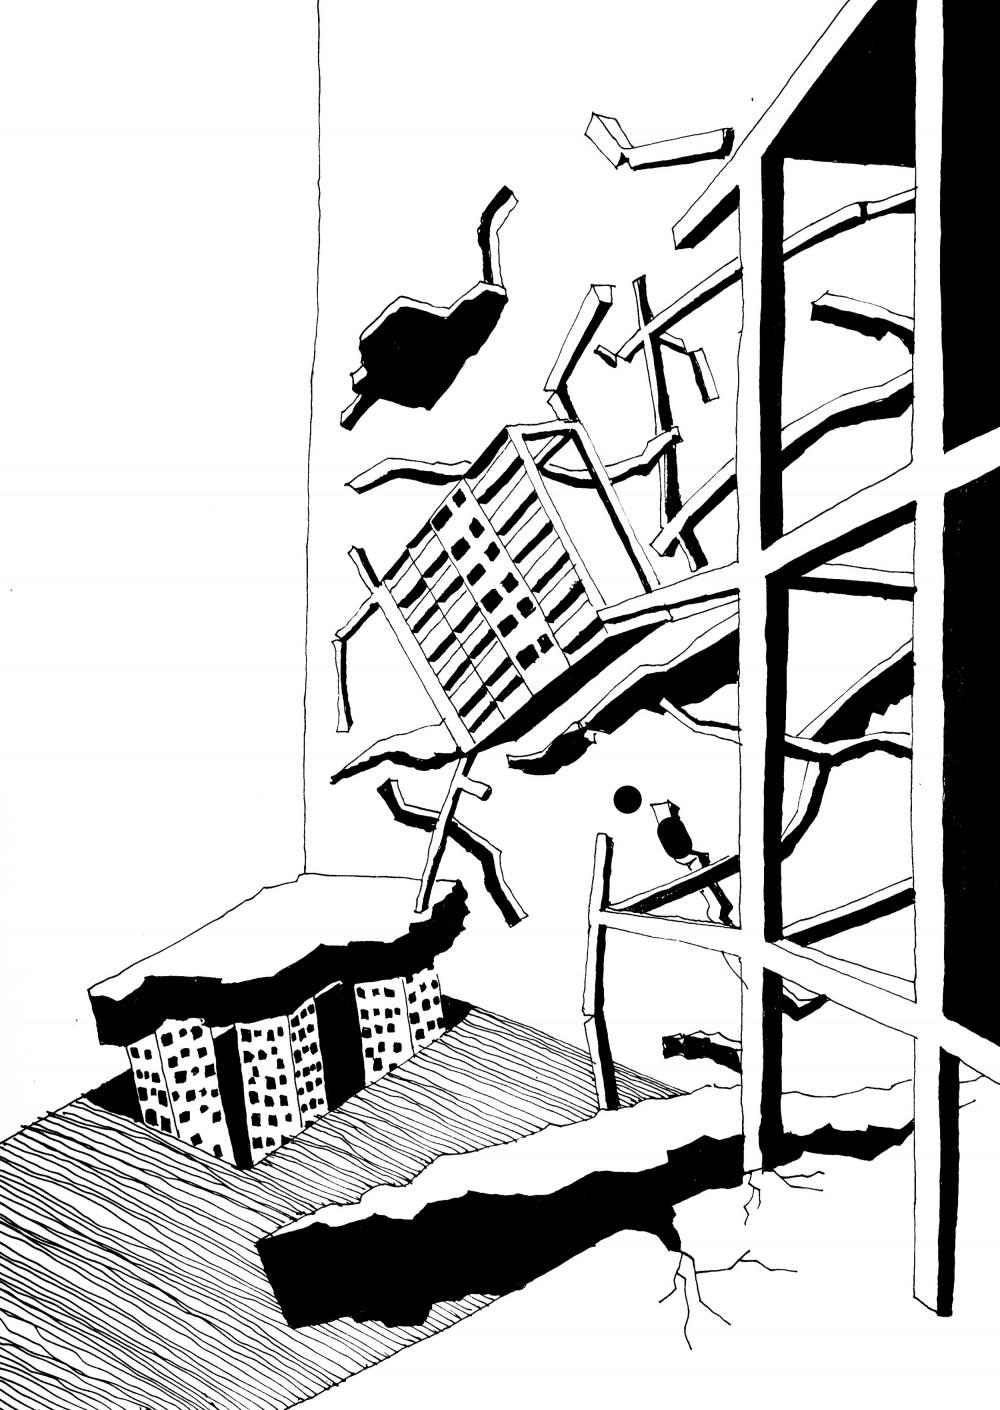 «Крушение» из каталога «Реквиема по поселкам»<br>© Nick Förster